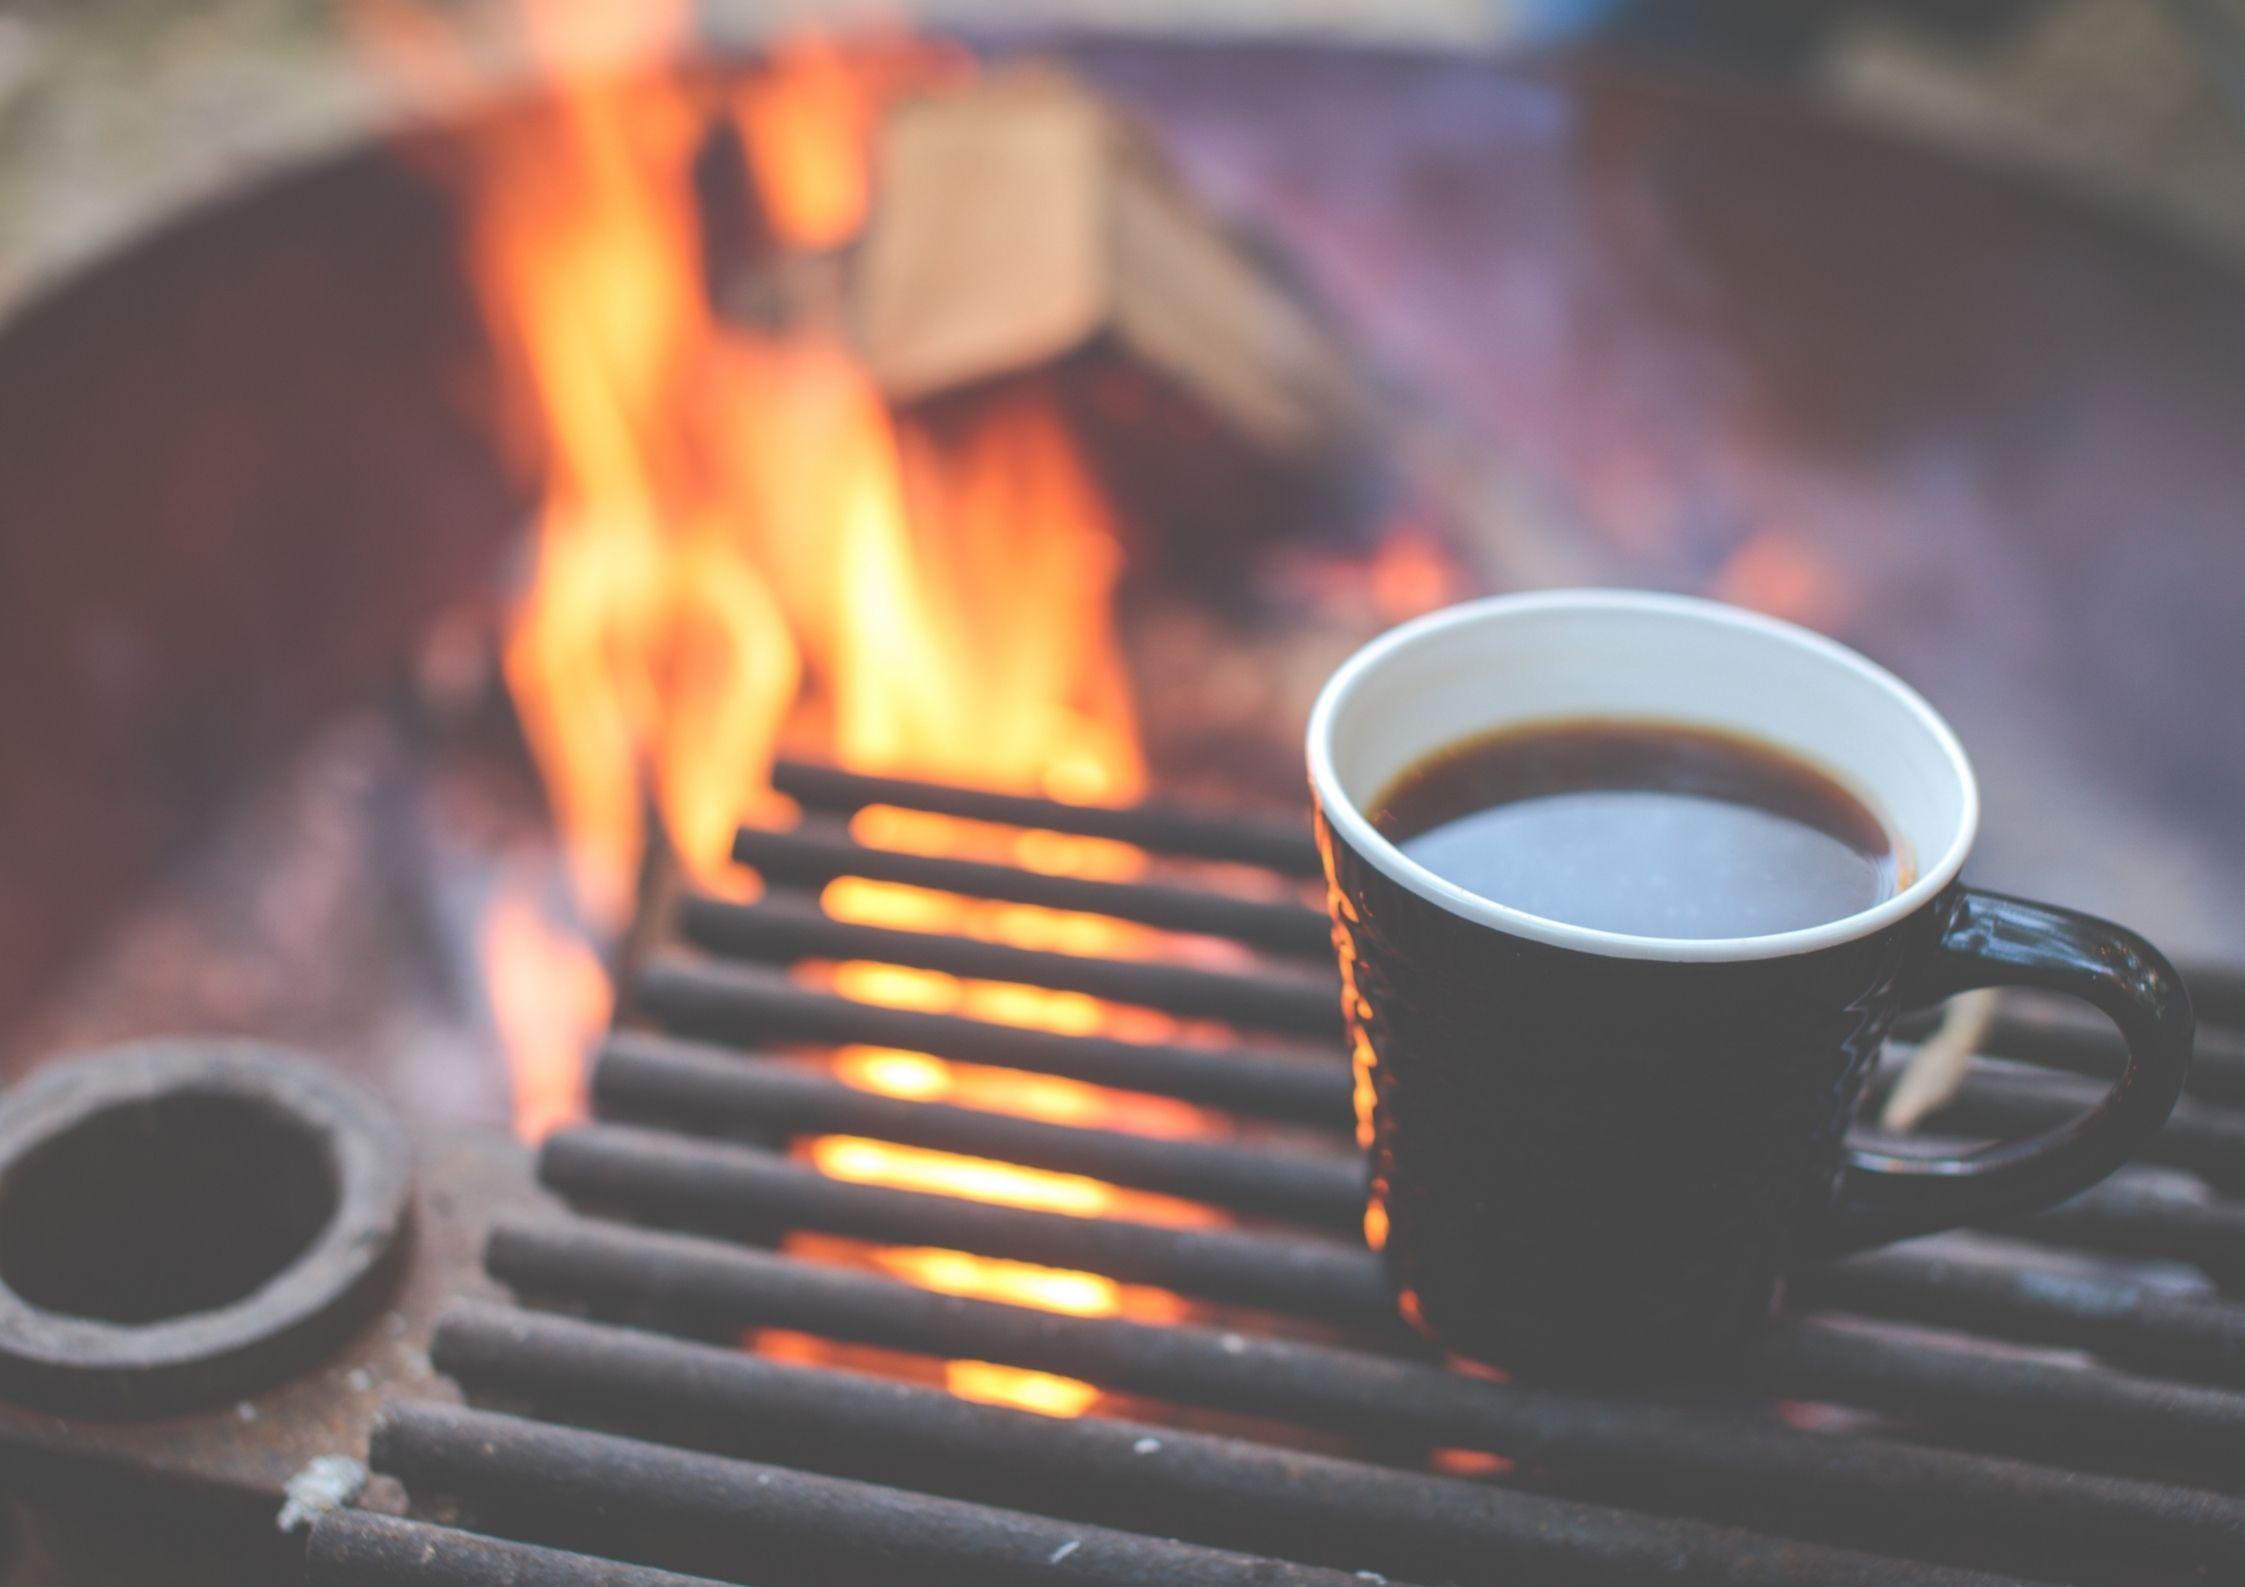 Les barbecues et les instants de partage au Camping de Chanac